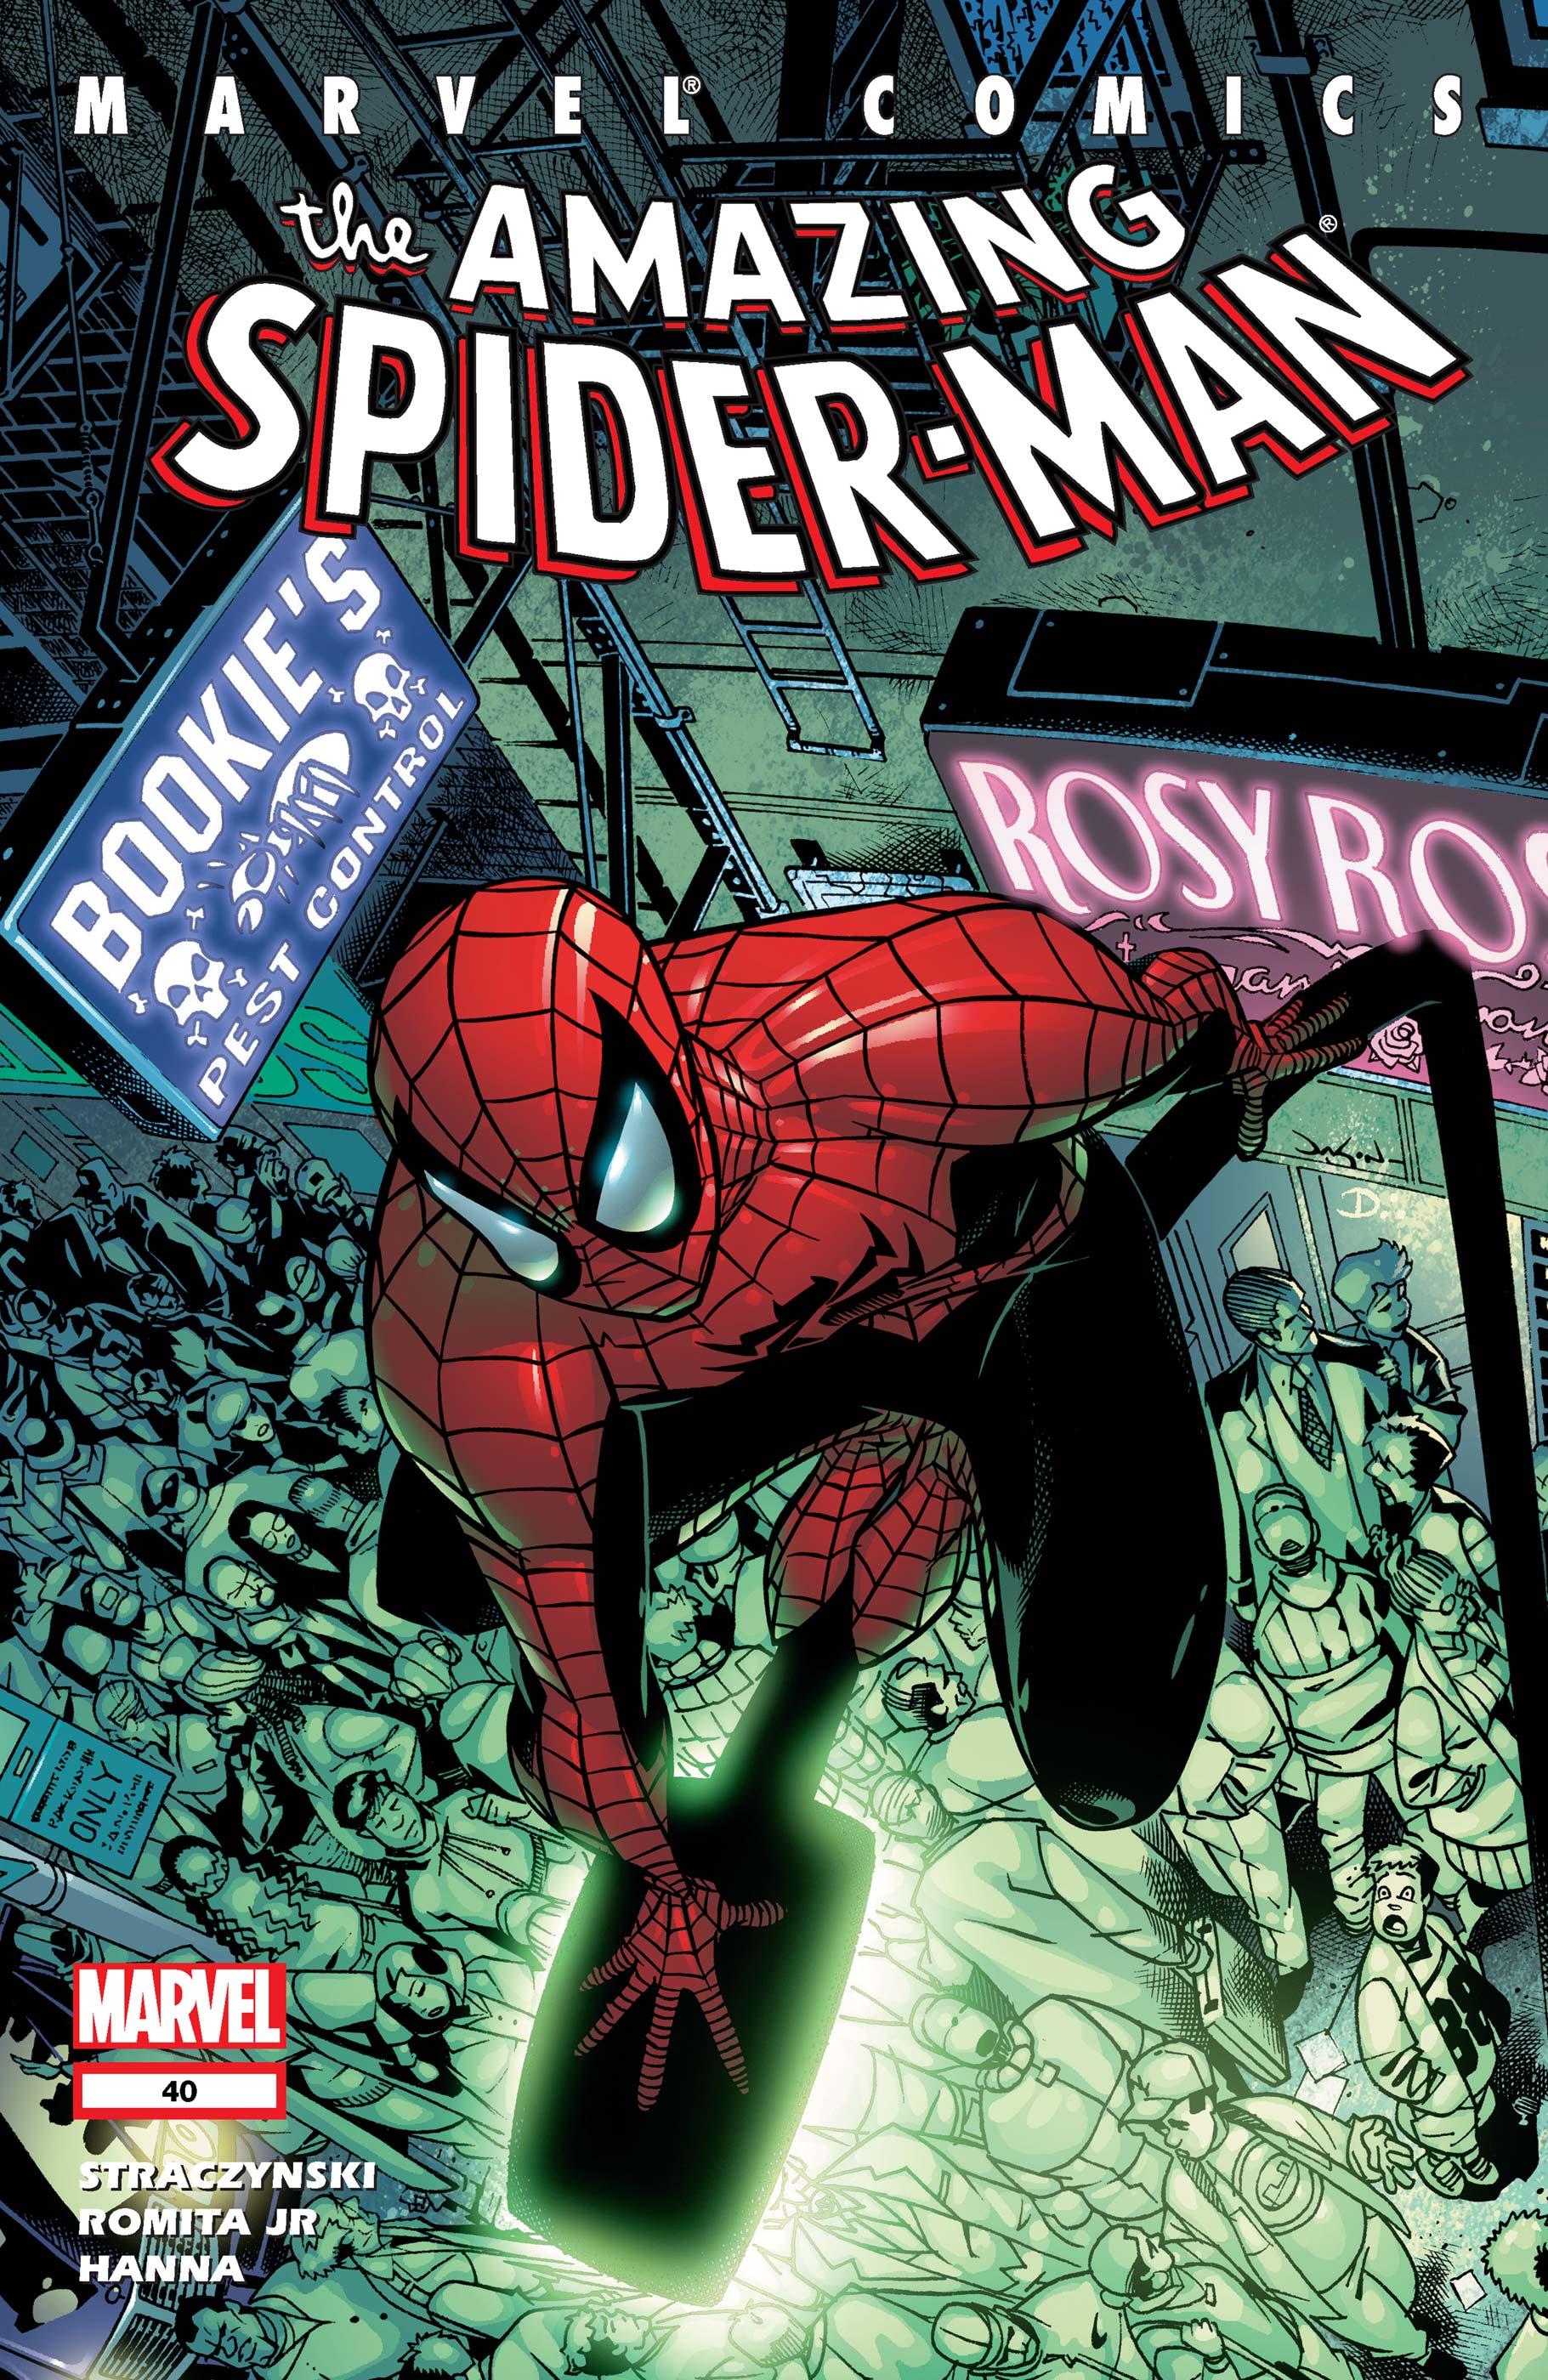 Amazing Spider-Man (1999) #40